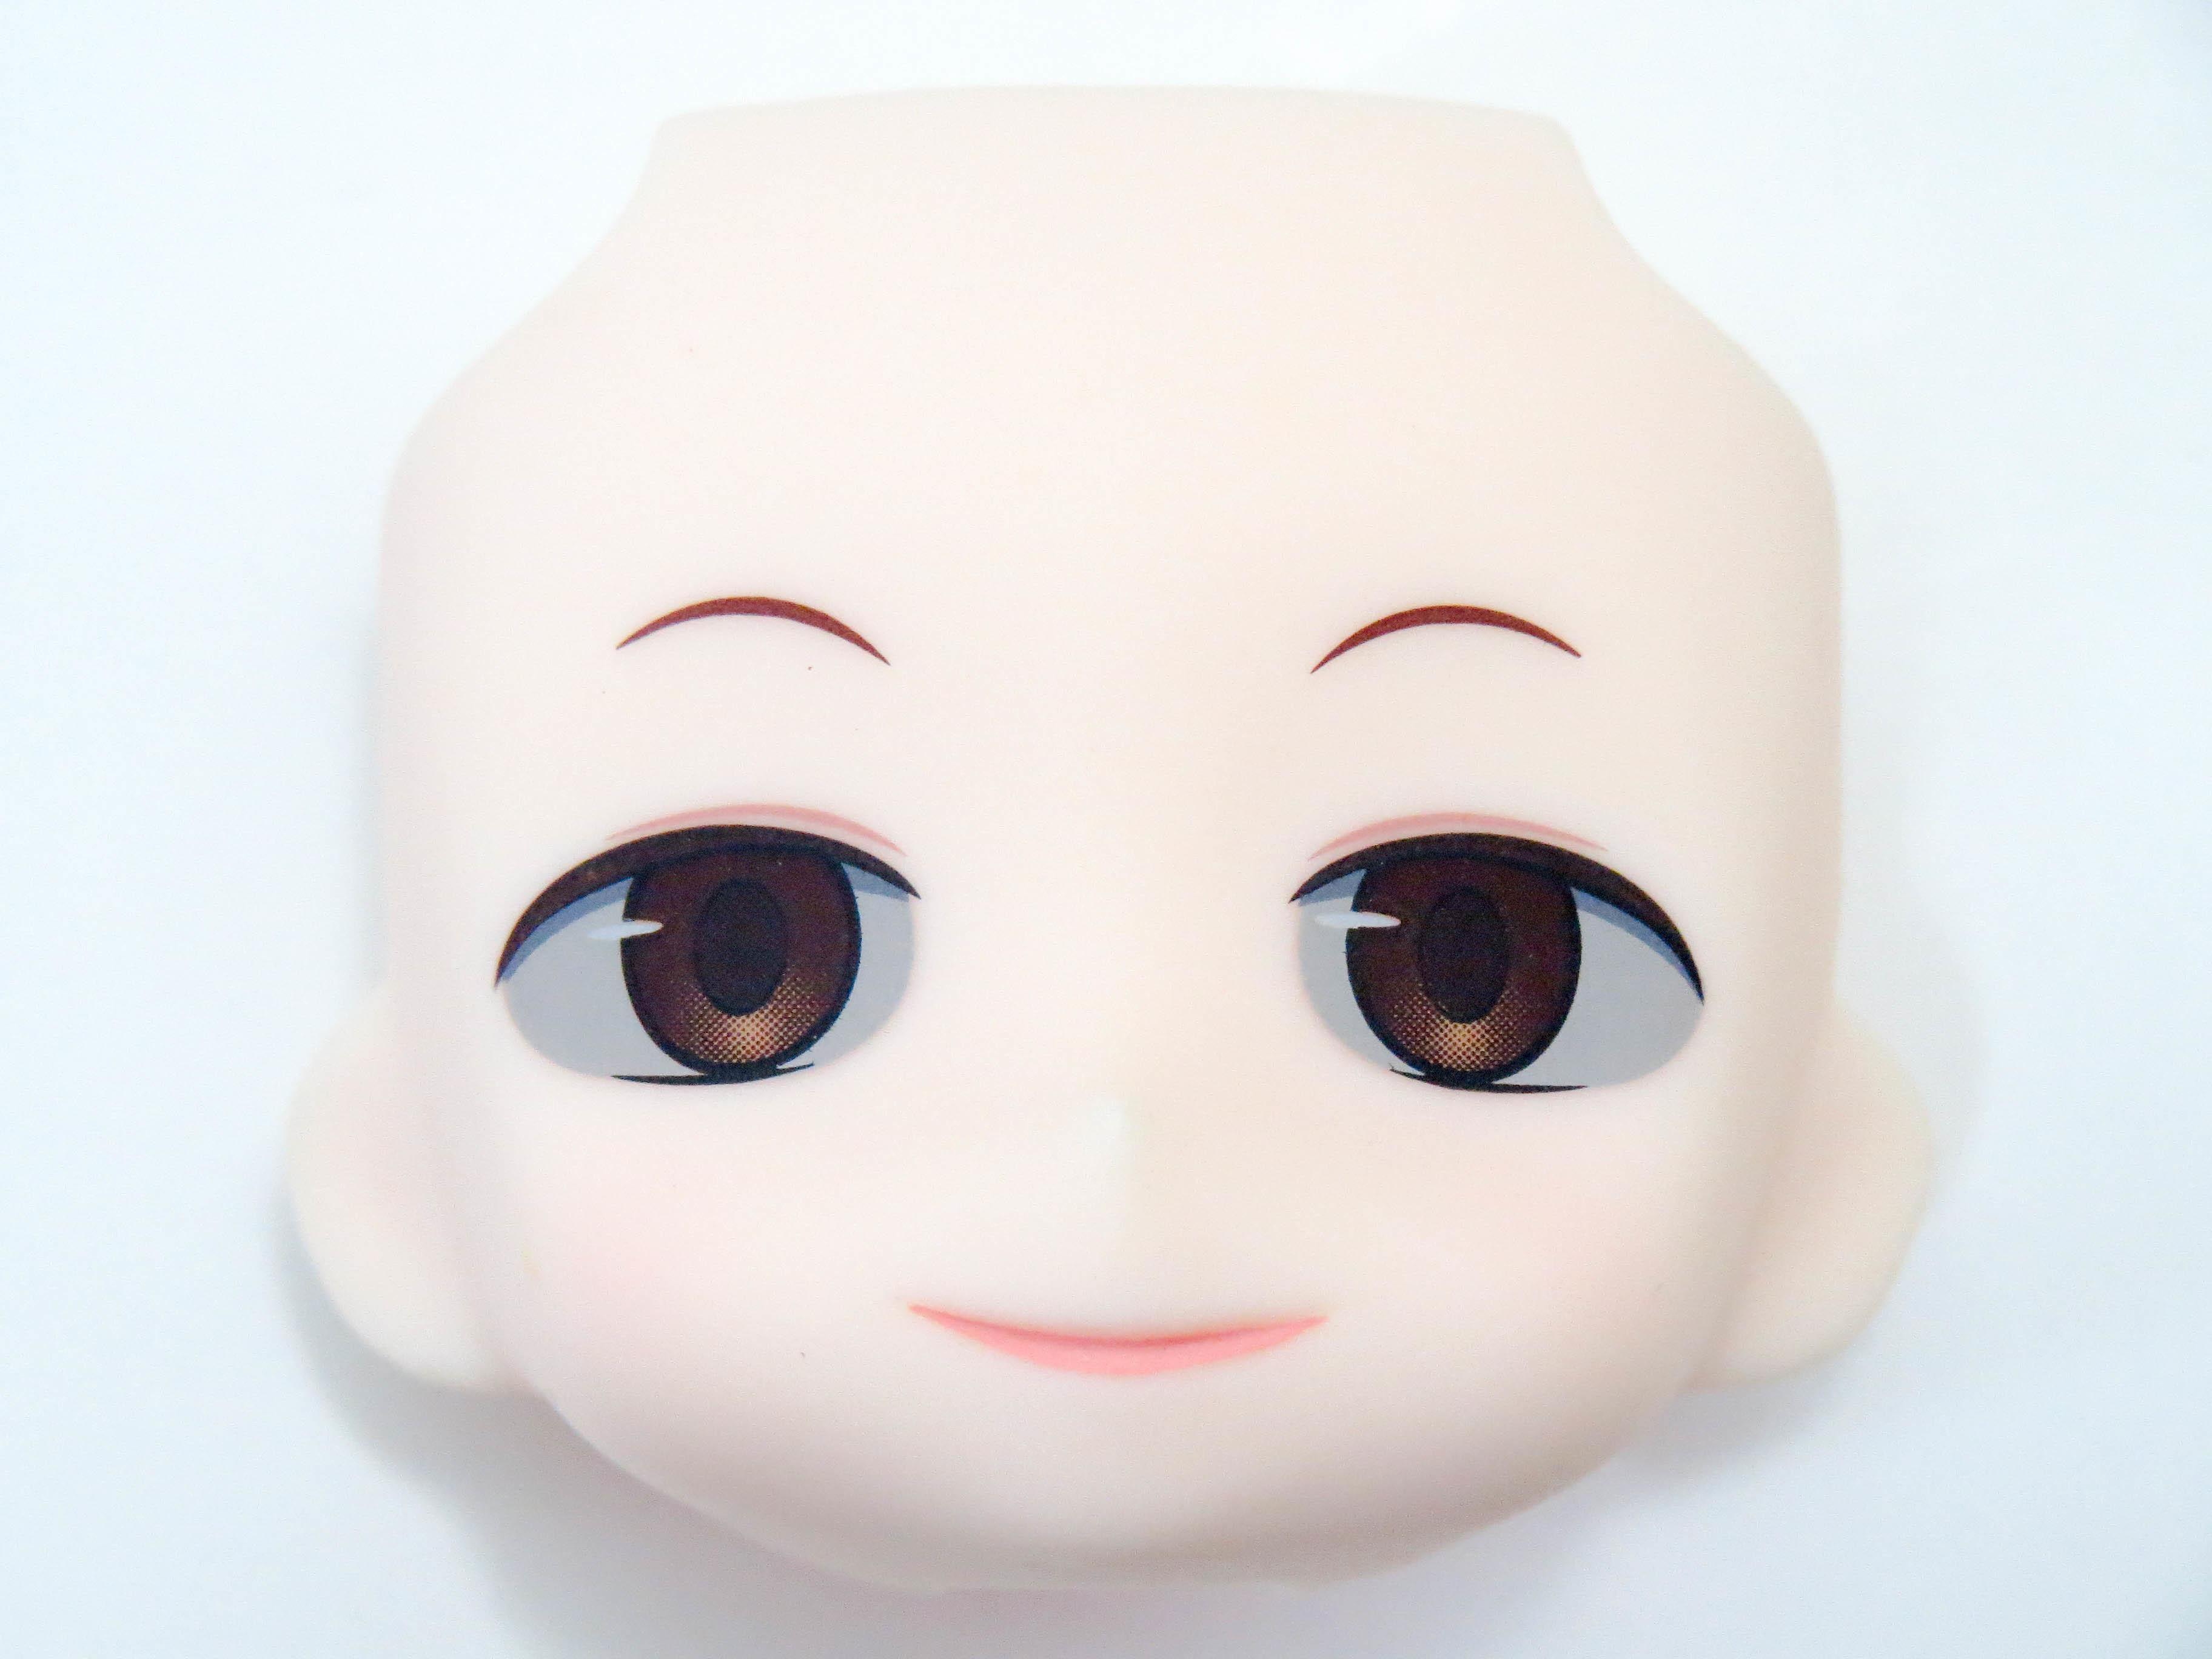 【969】 三谷裳ちお 顔パーツ ブラッディバタフライ顔 ねんどろいど